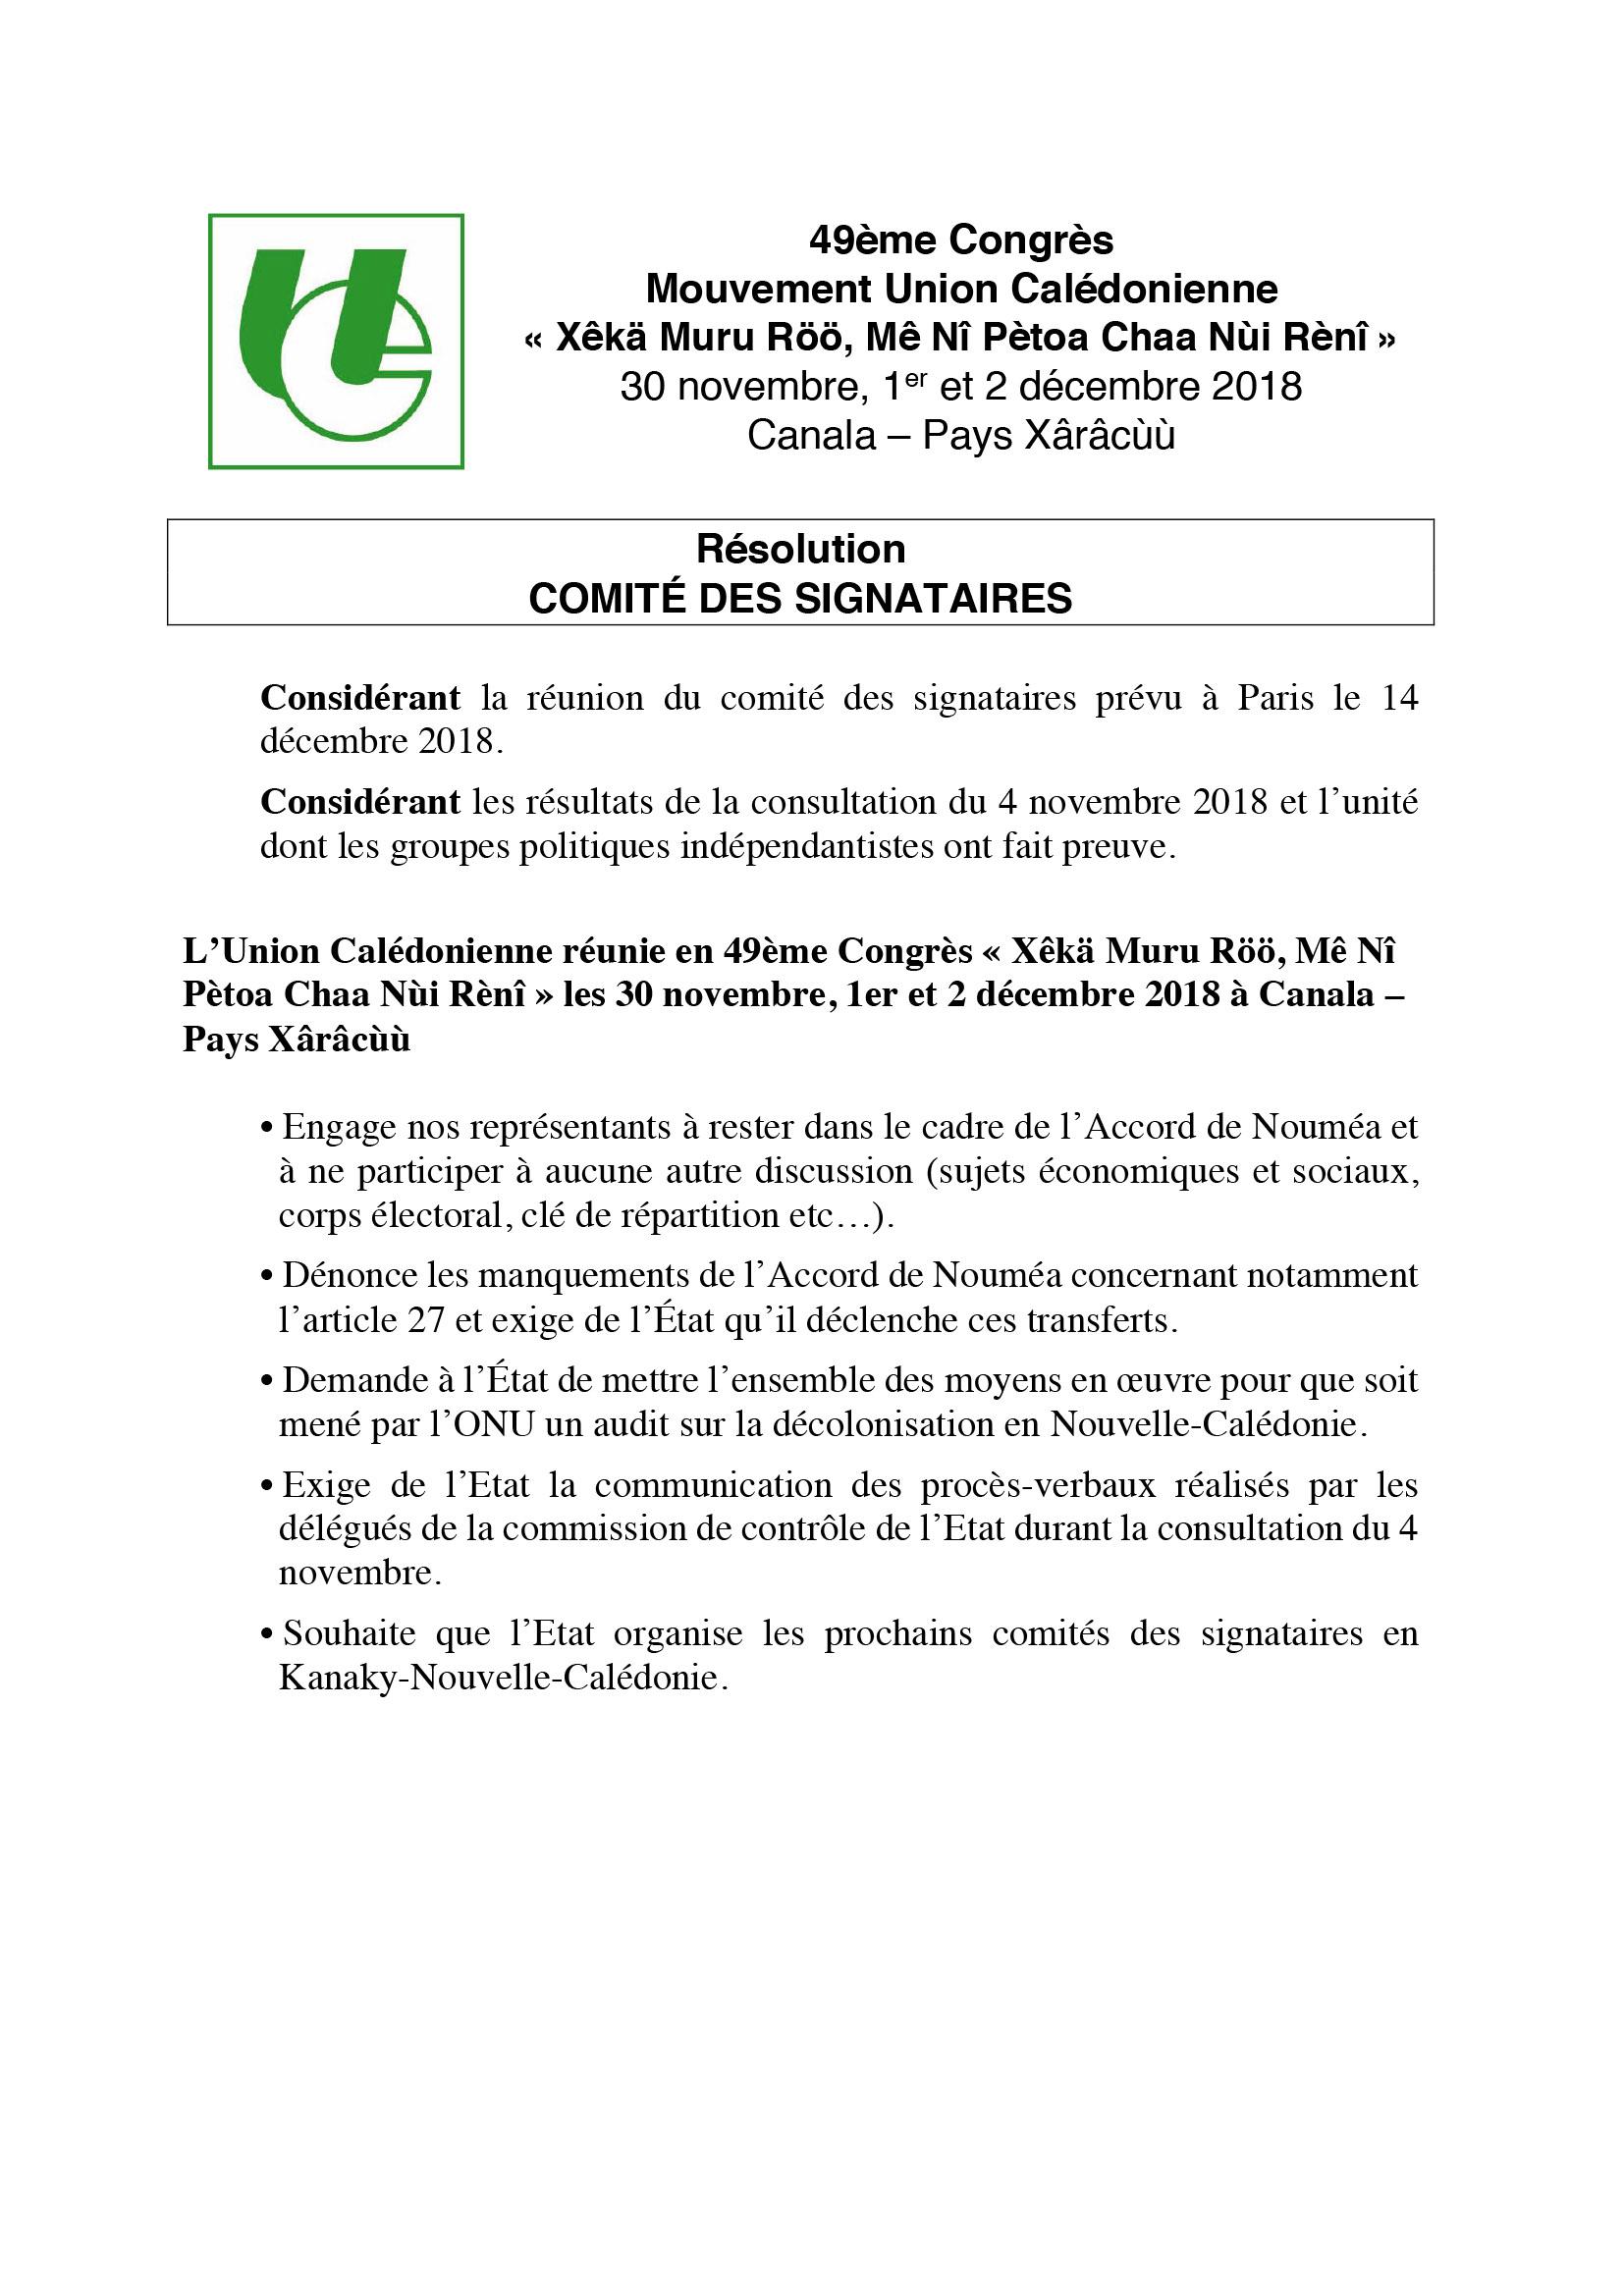 Résolution Comité des signataires